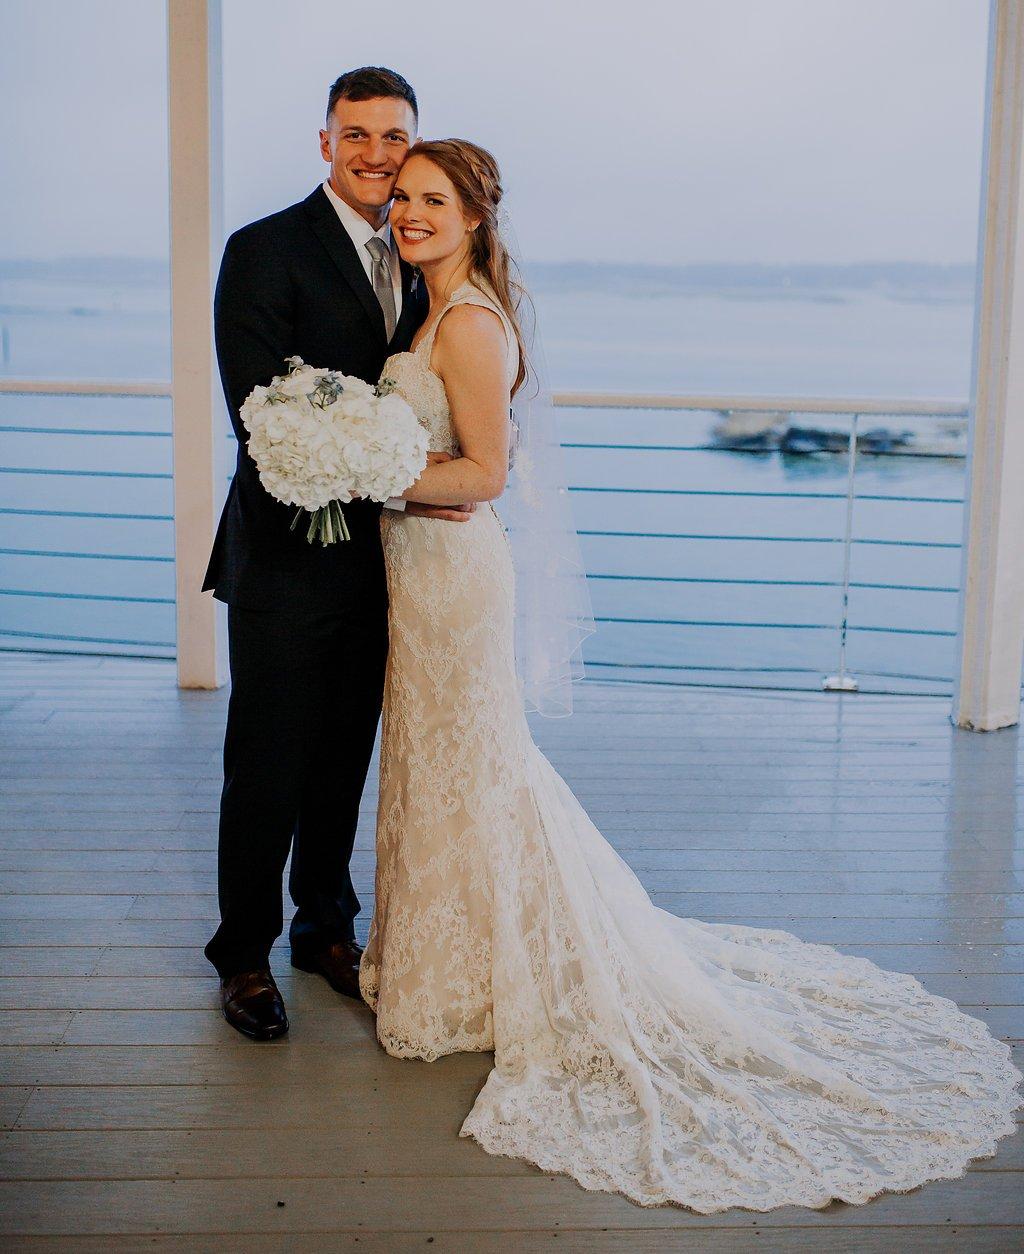 Waterfront Wedding Venue Virginia Beach Lesner Inn (10).jpg